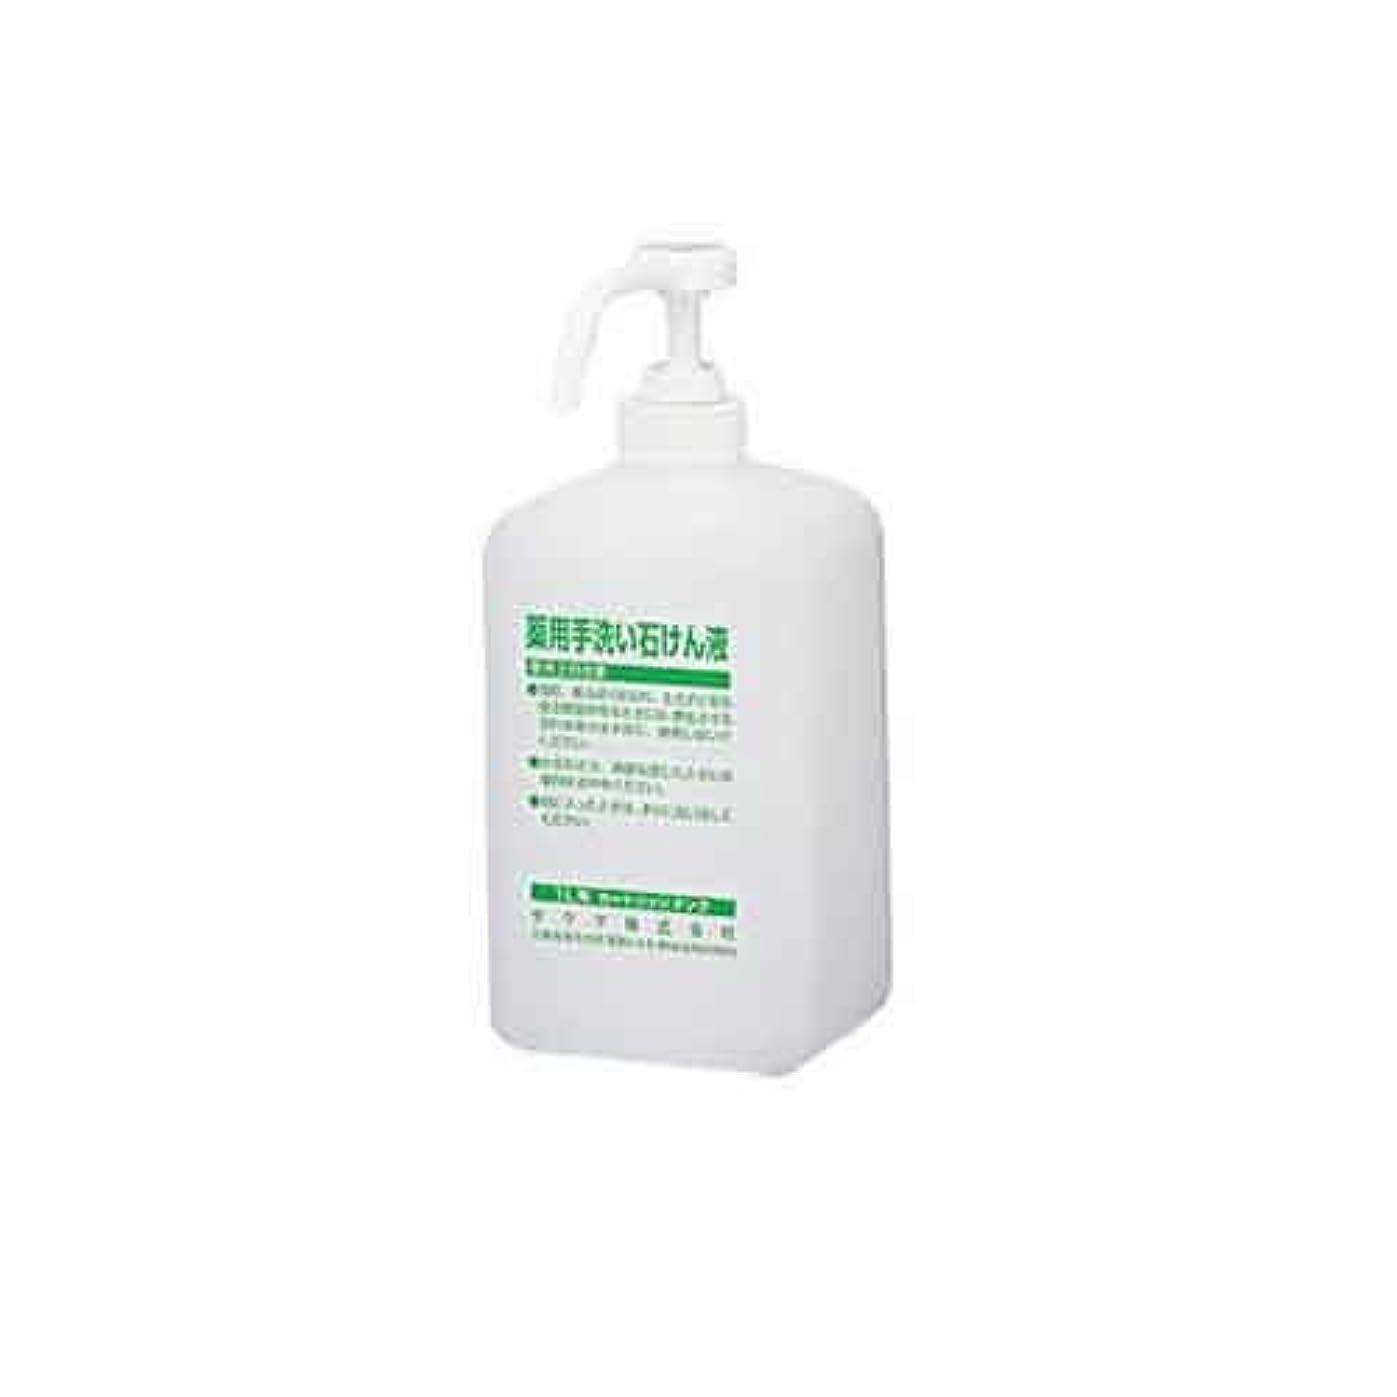 表面的なパイントアクチュエータサラヤ 石けん液用 ポンプ付 カートリッジボトル ロングノズル 1L